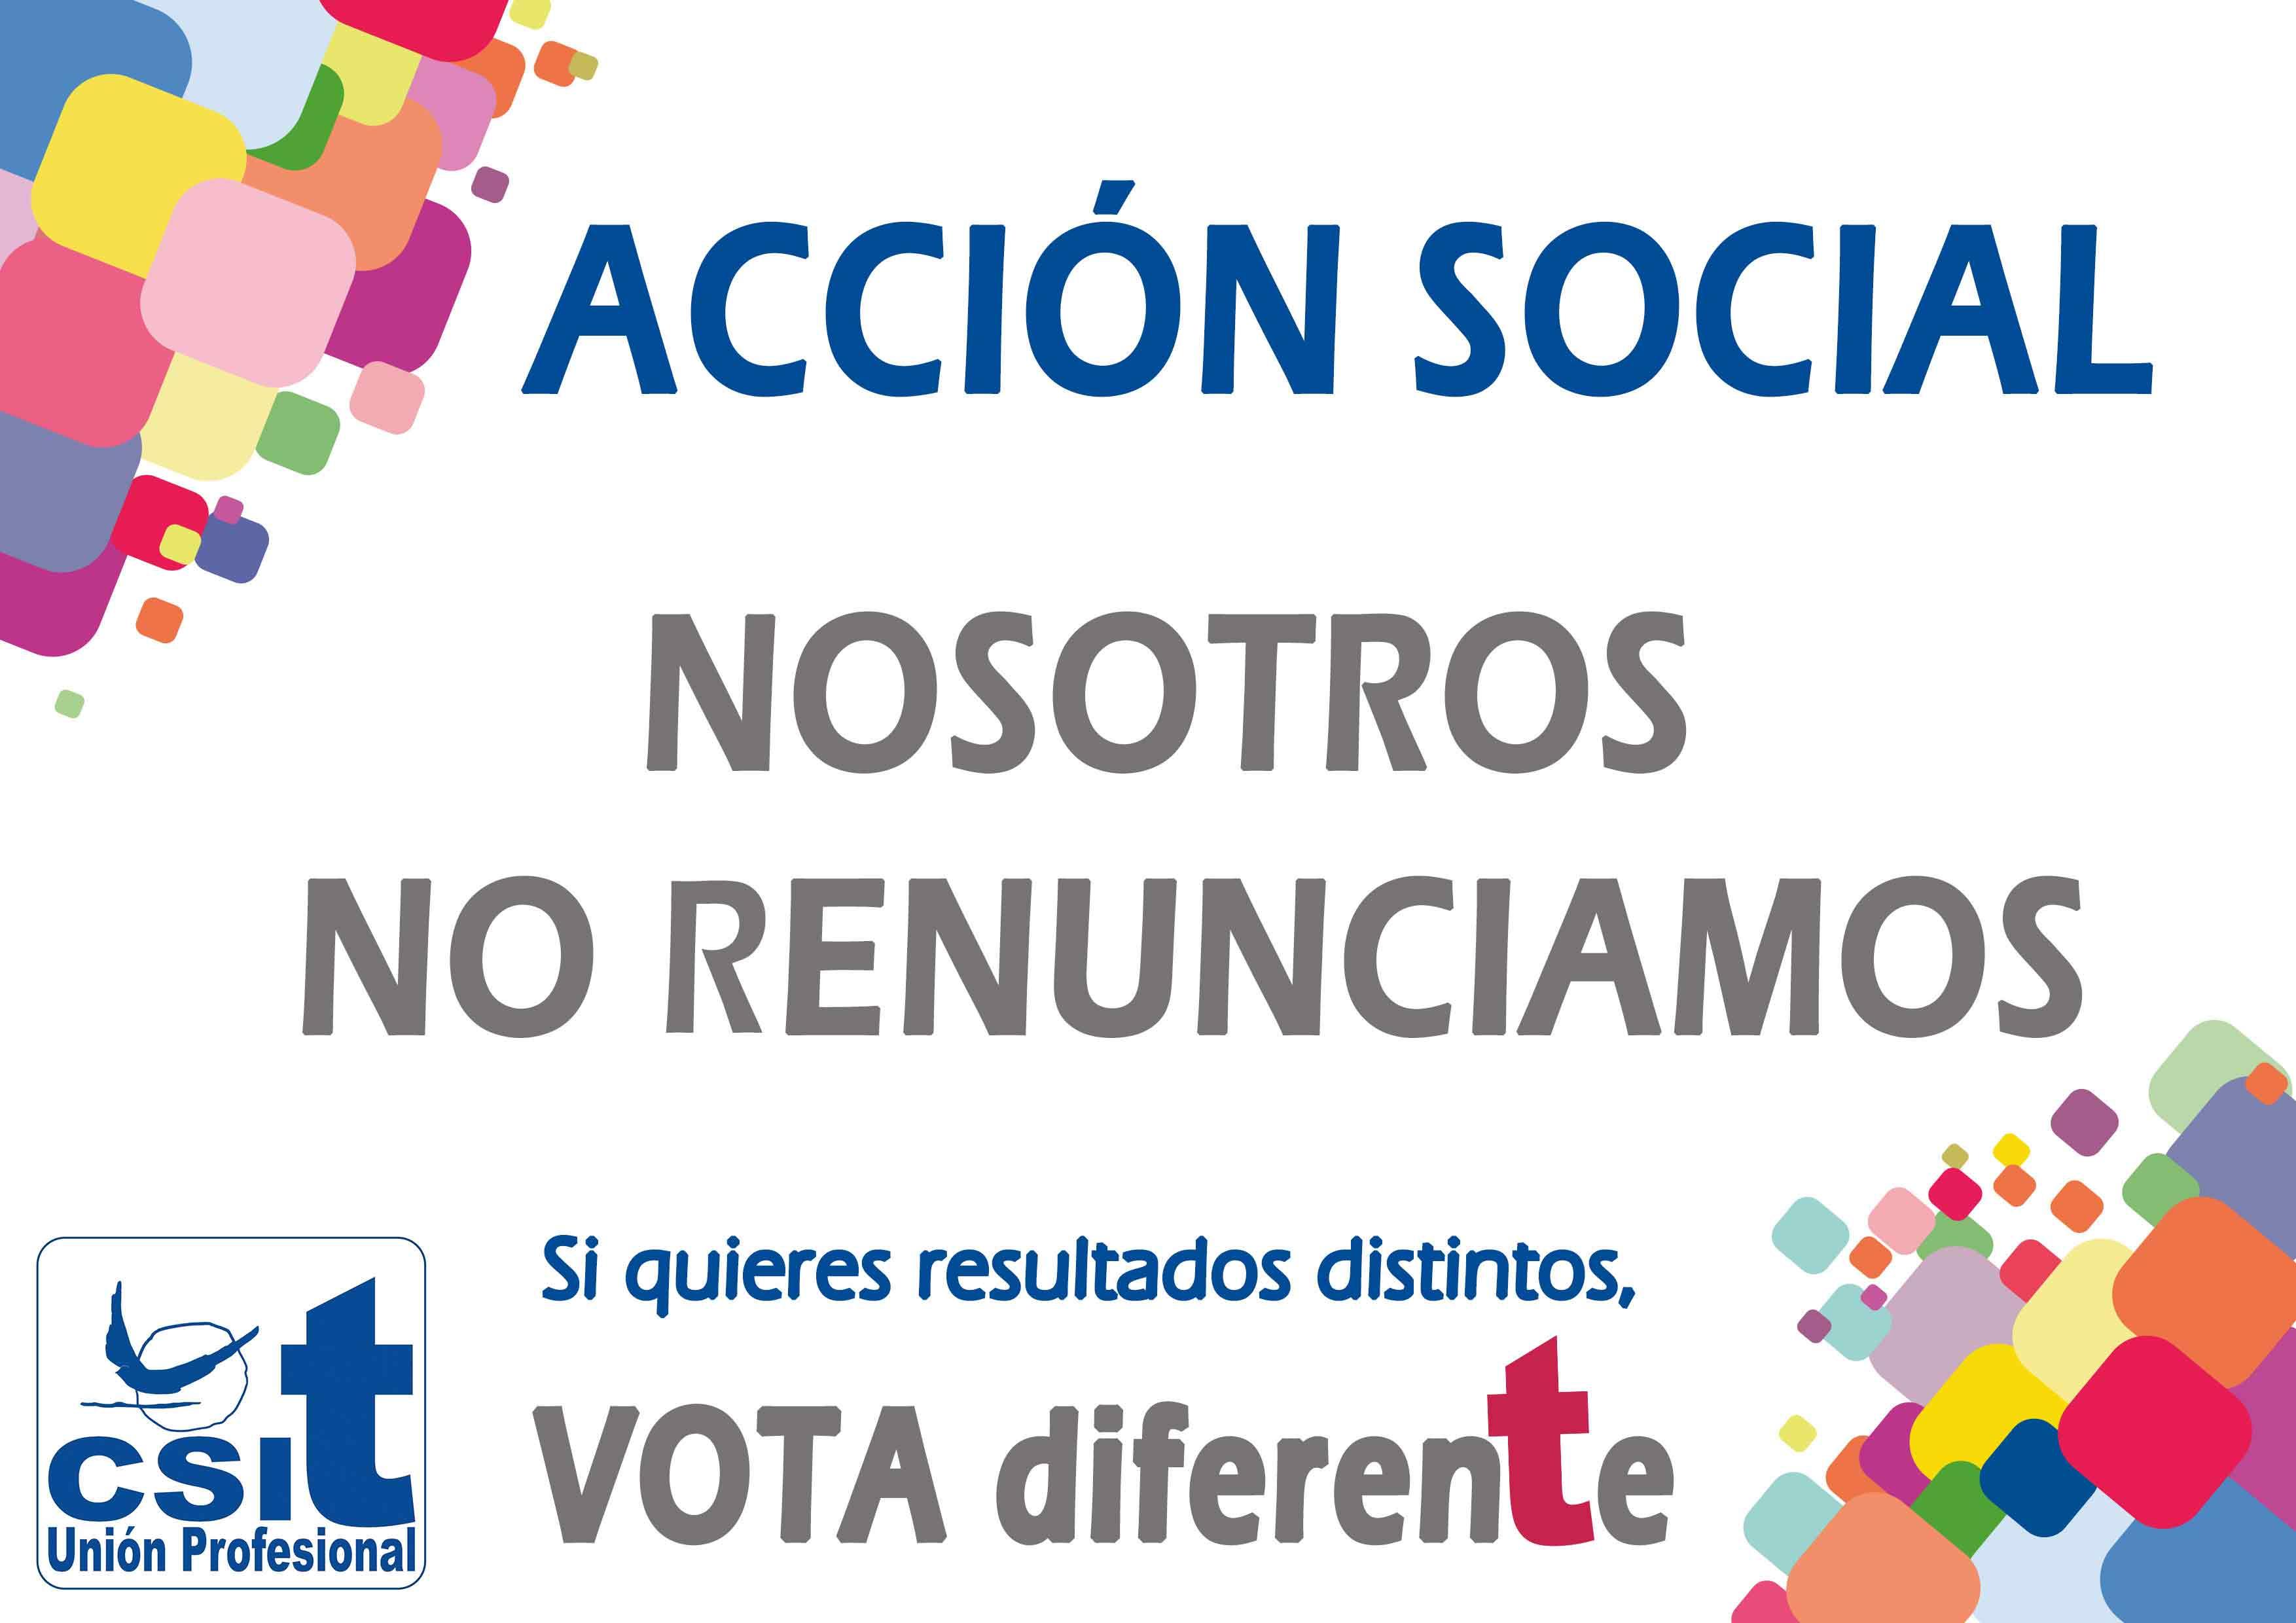 Acción Social. Nosotros no renunciamos